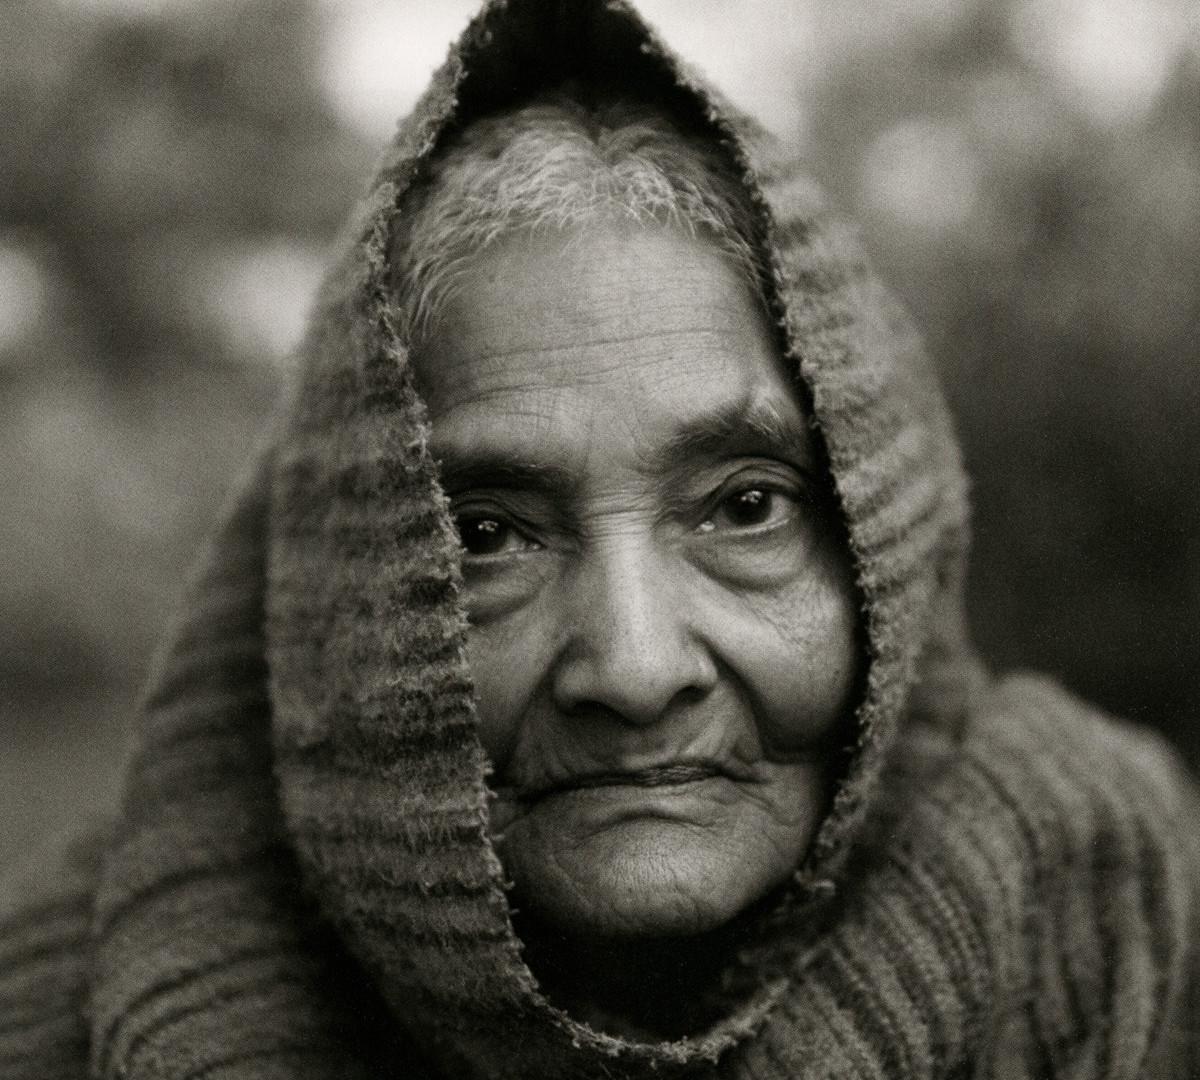 Fazal Sheikh, Shaila Wala ('From the mountain'), Vrindavan, India, 2004